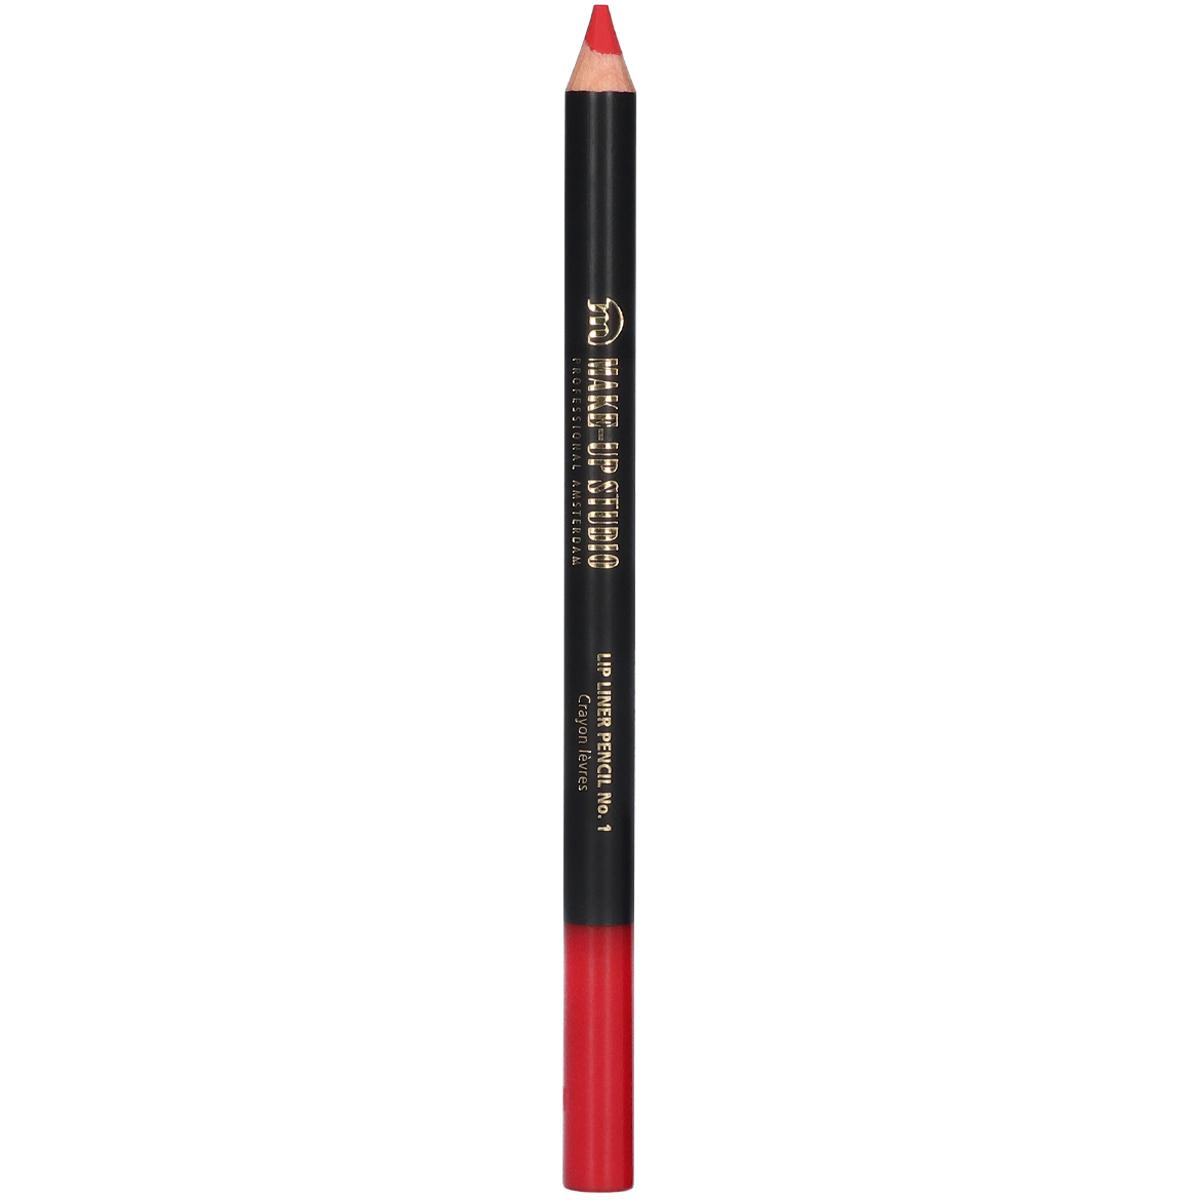 Lip Liner Pencil - 1